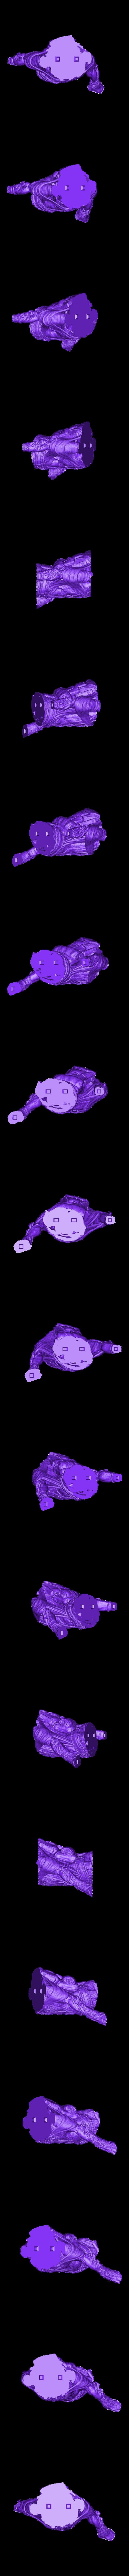 SerpentineMerchant_SPLIT_05.stl Download free STL file Serpentine Merchant - Multiple Pieces • Design to 3D print, bendansie